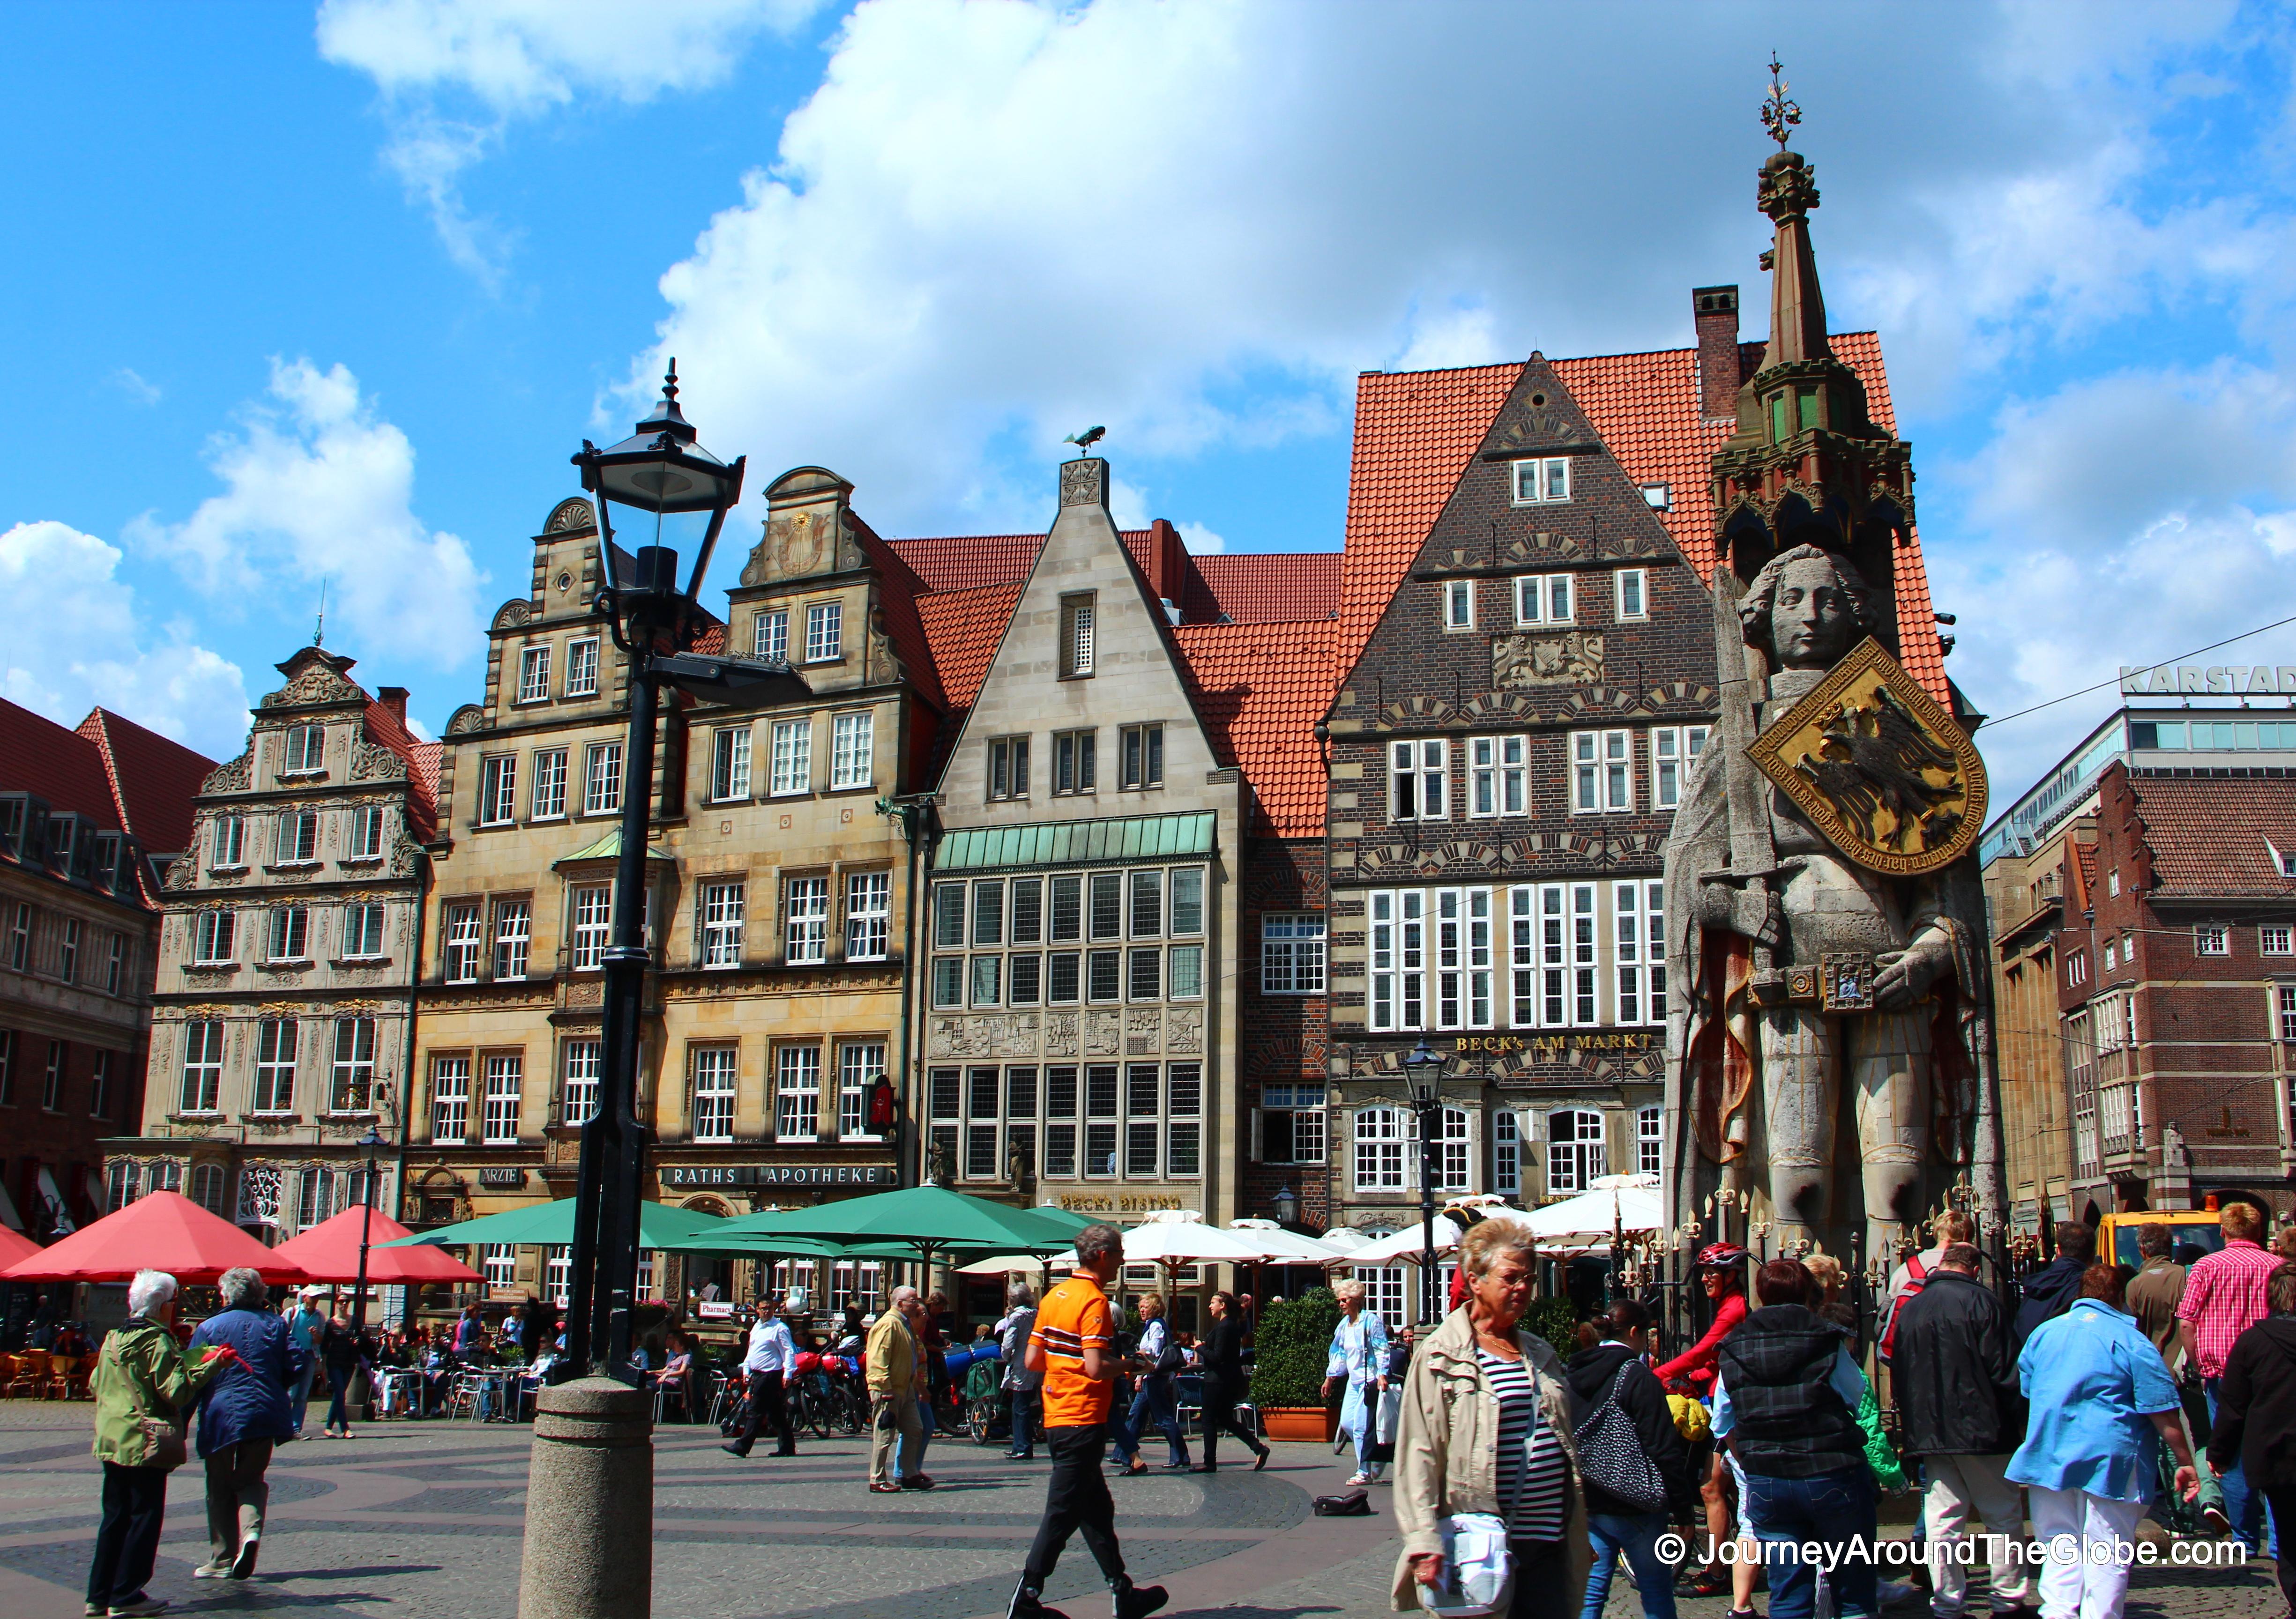 Guten Morgen Bremen (Germany) | Journey Around The Globe - photo#6